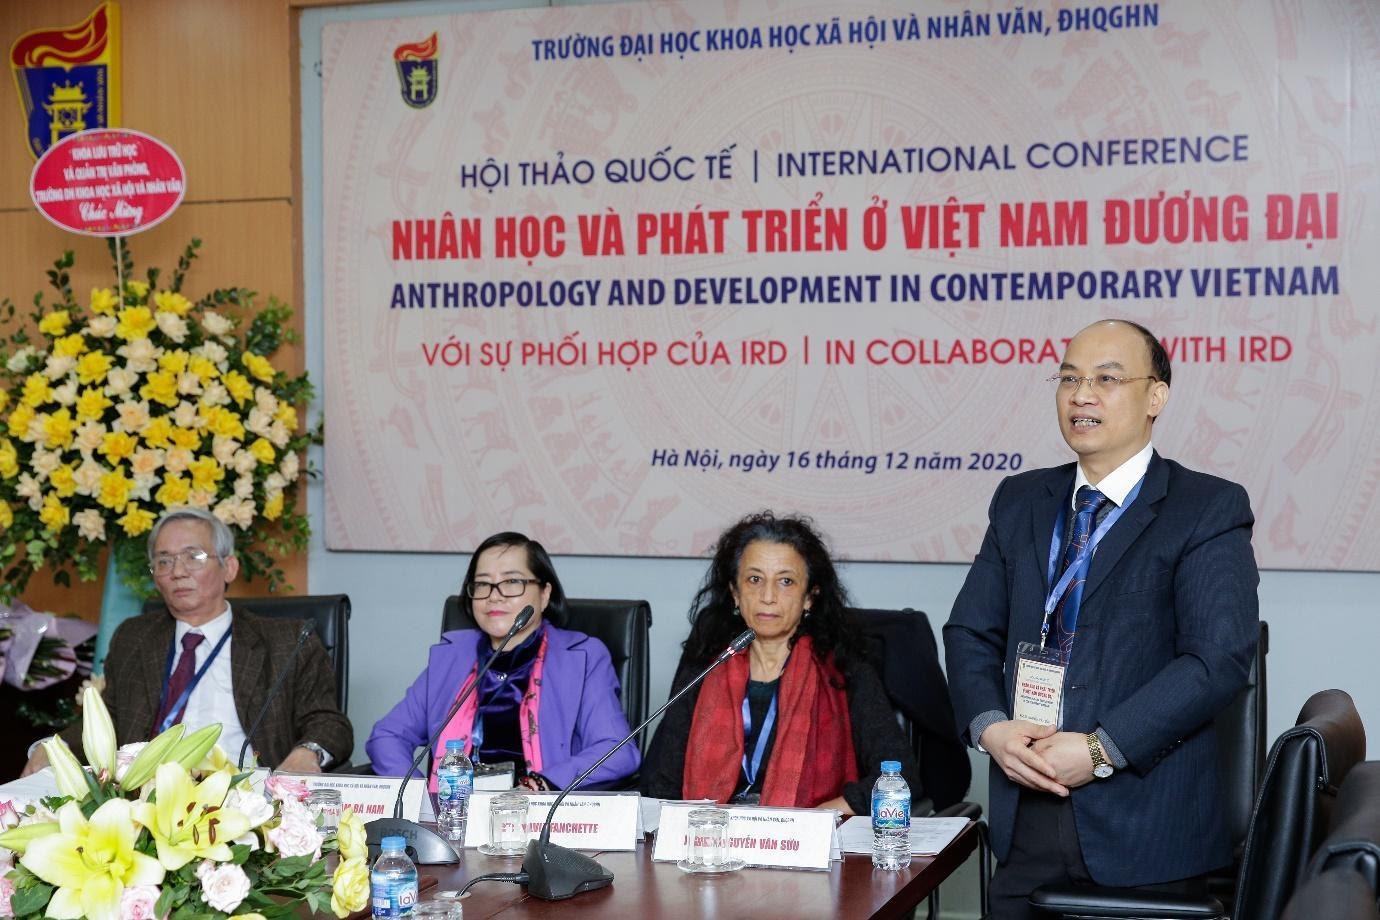 Hội thảo quốc tế Nhân học và Phát triển ở Việt Nam đương đại